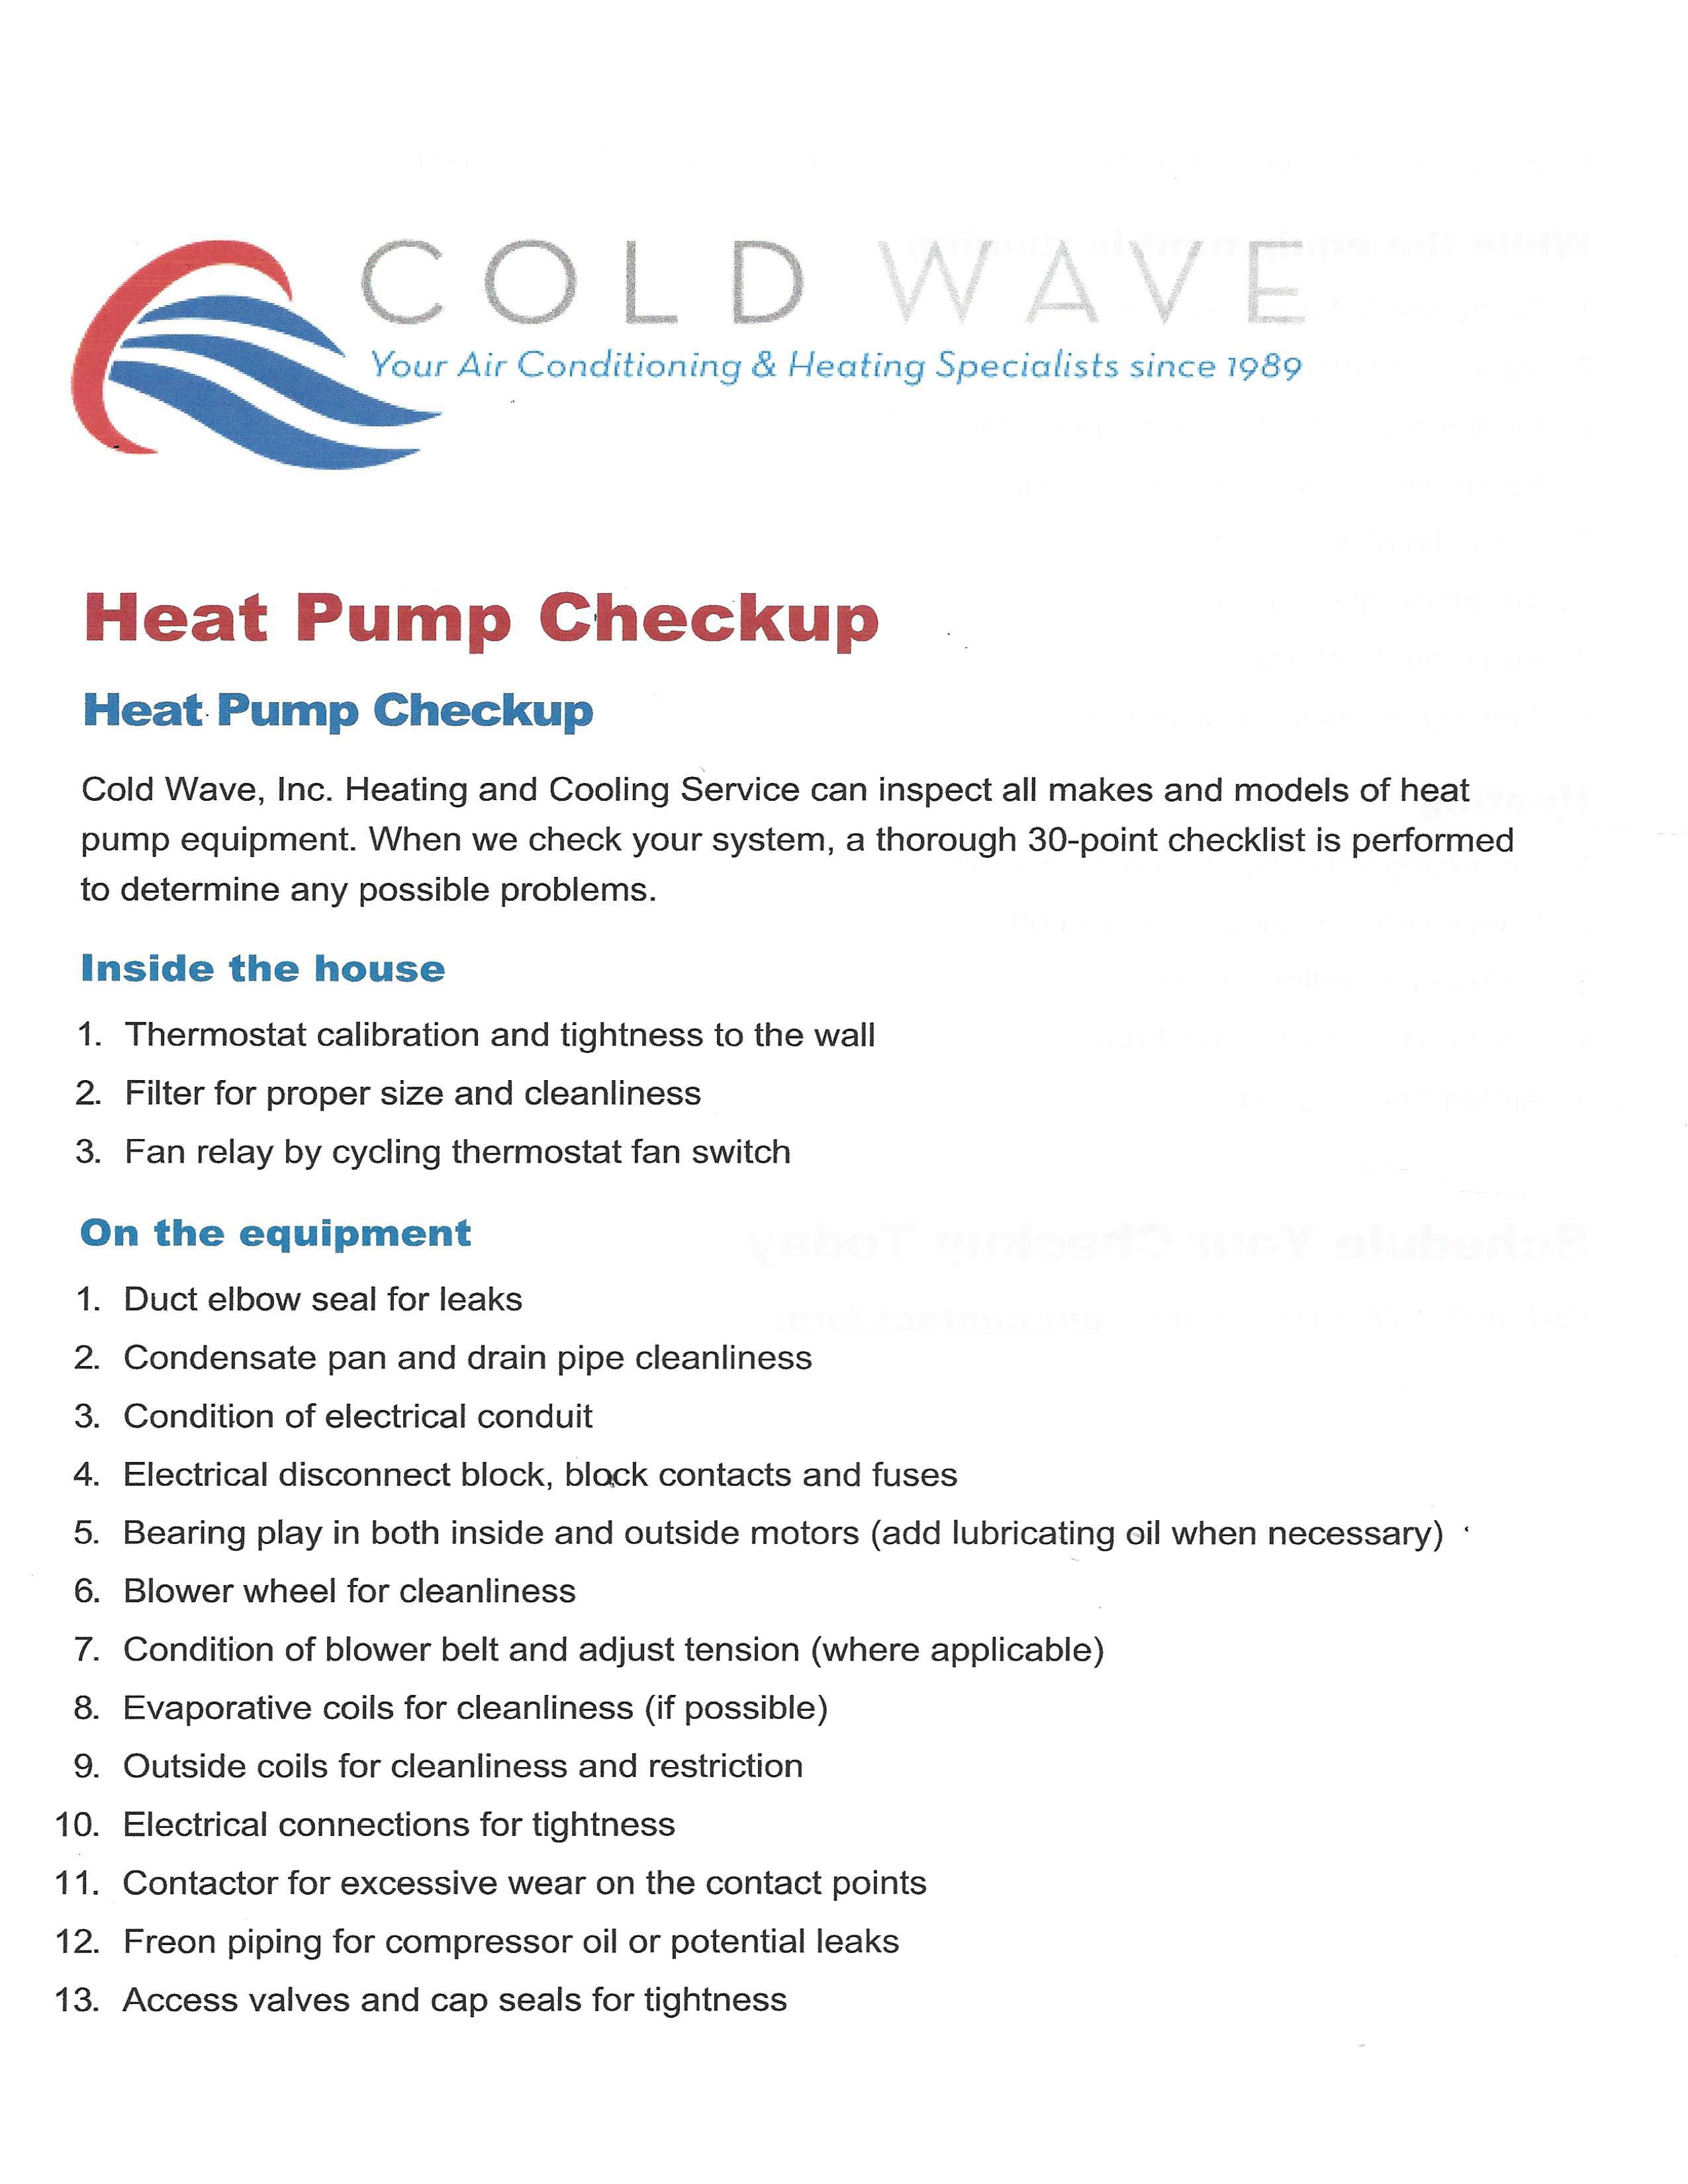 Heat Pump Checkup List_Page_1 – Coldwave